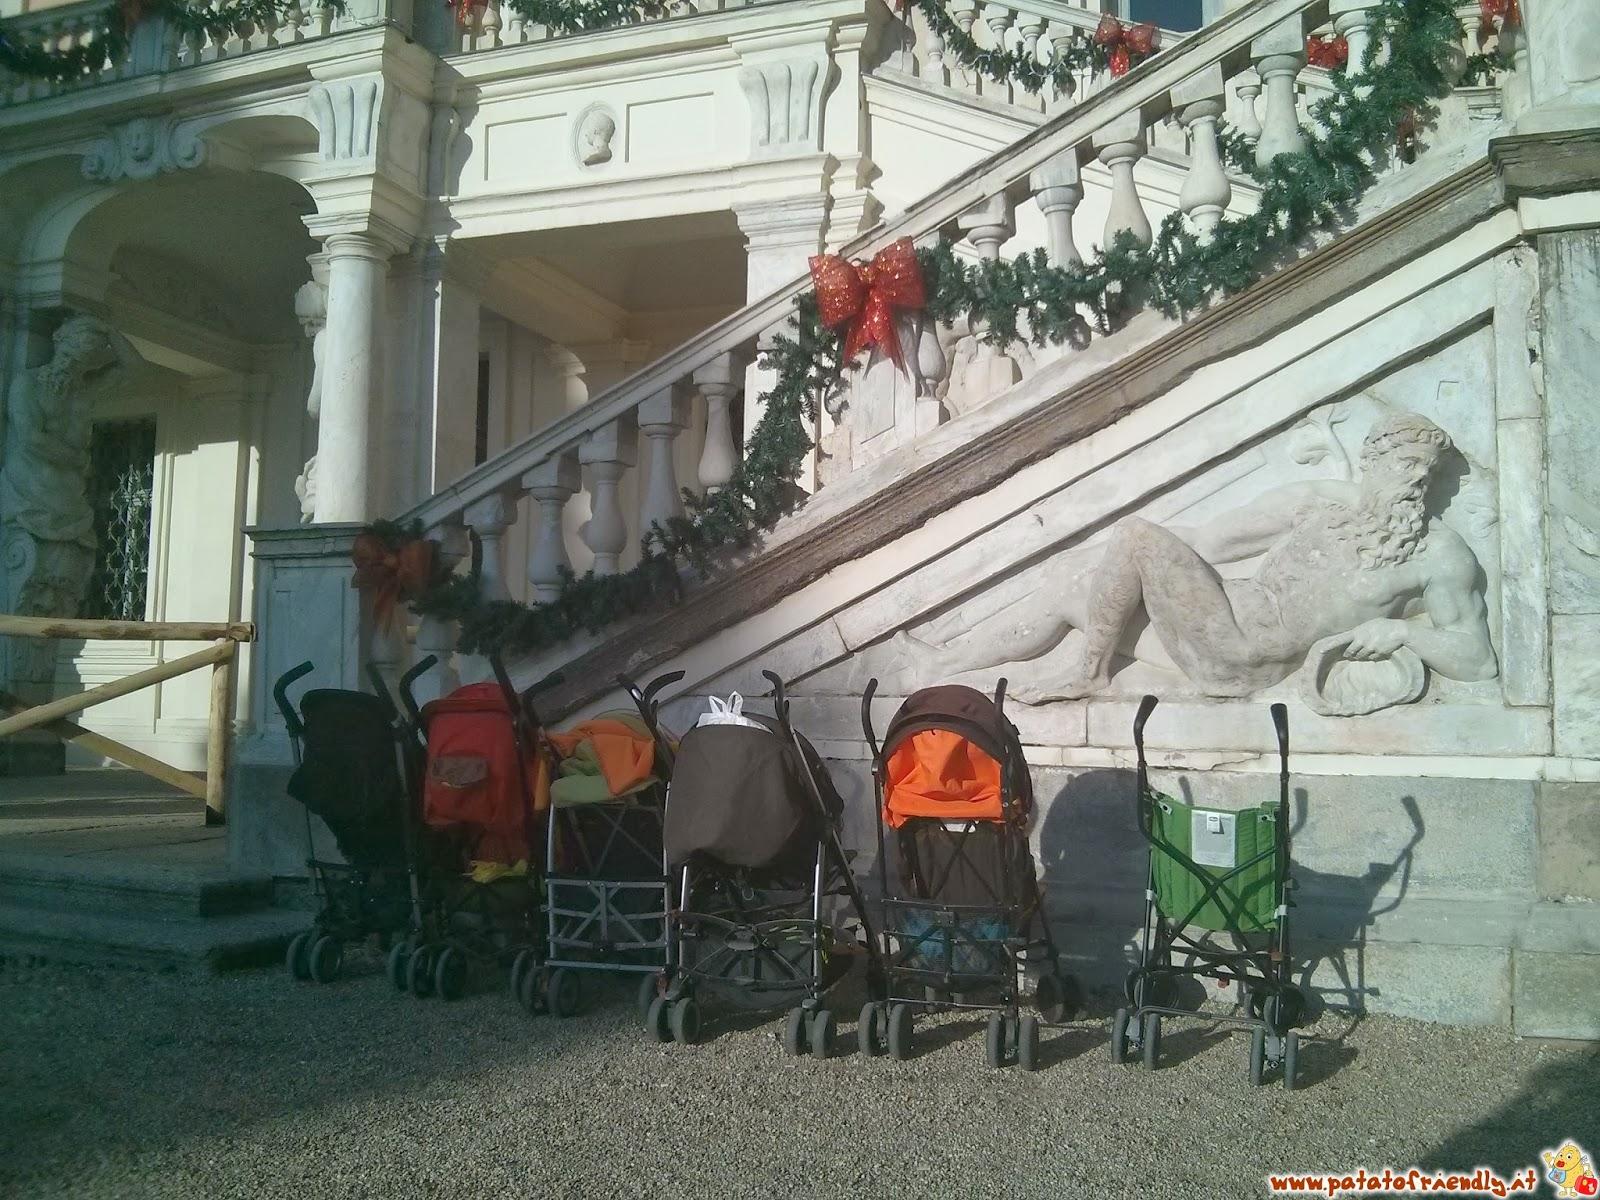 Passeggini in attesa mentre i bimbi incontrano Babbo Natale